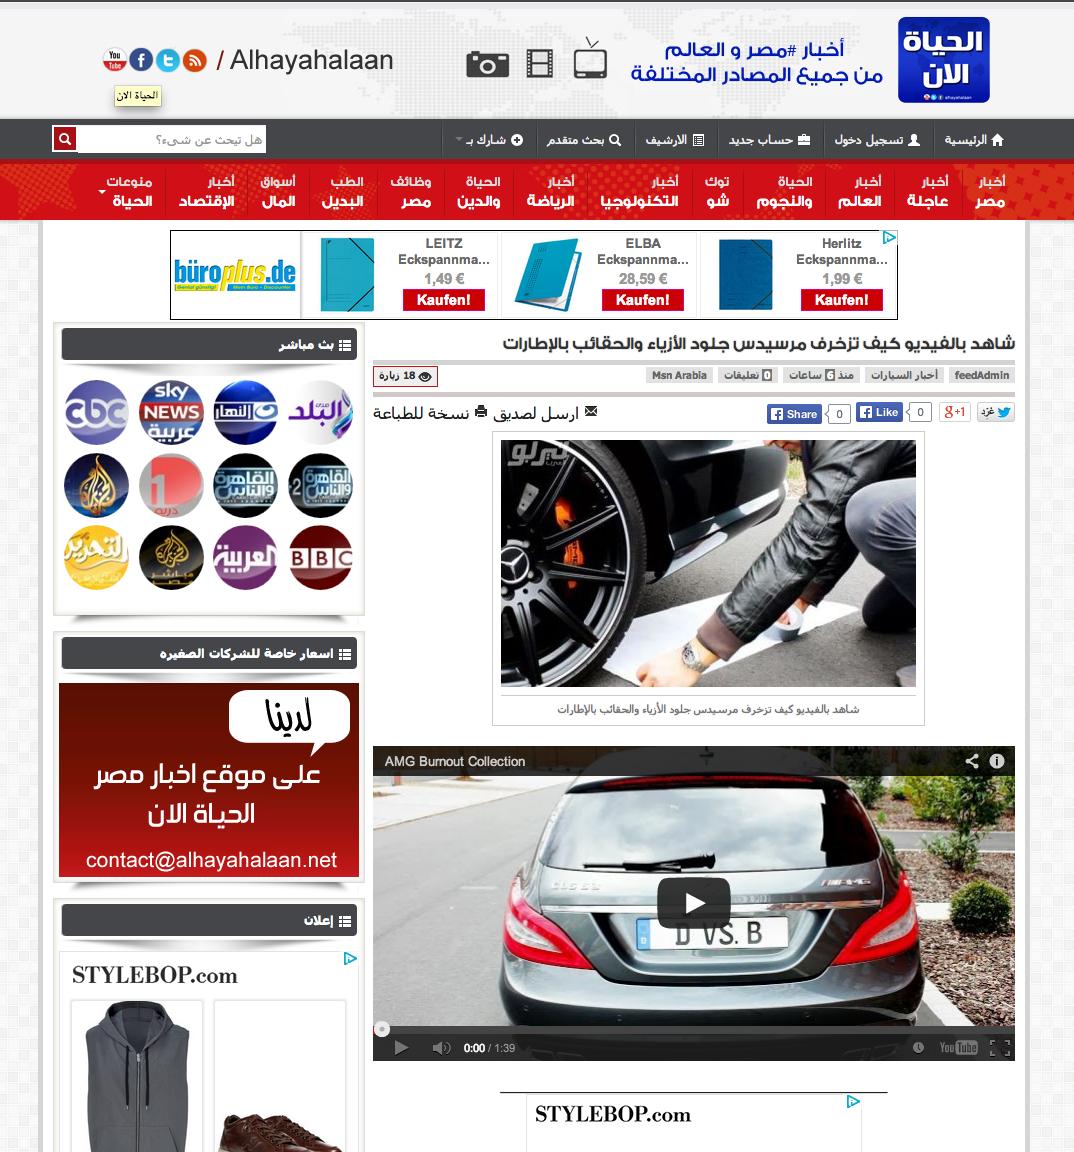 Bildschirmfoto 2014-02-04 um 20.39.32.png